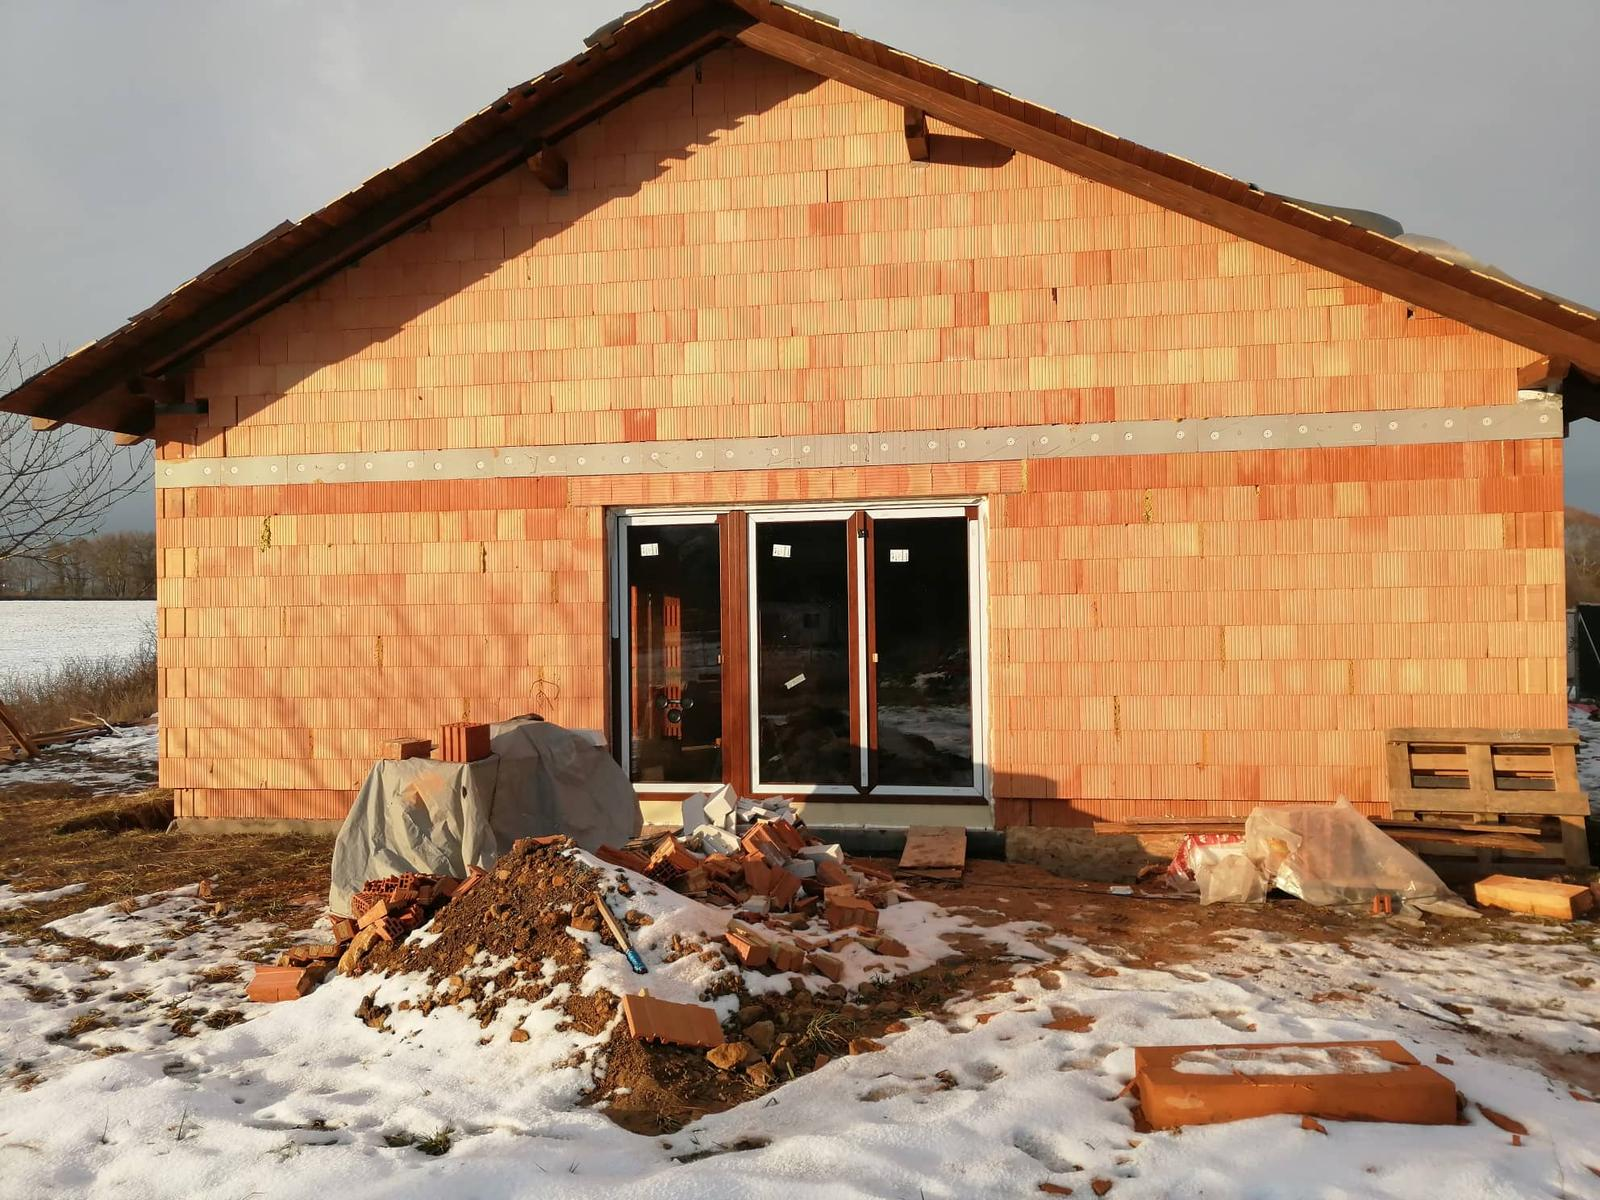 Náš vysněný domov :-) - a ze stavby je baráček :-)